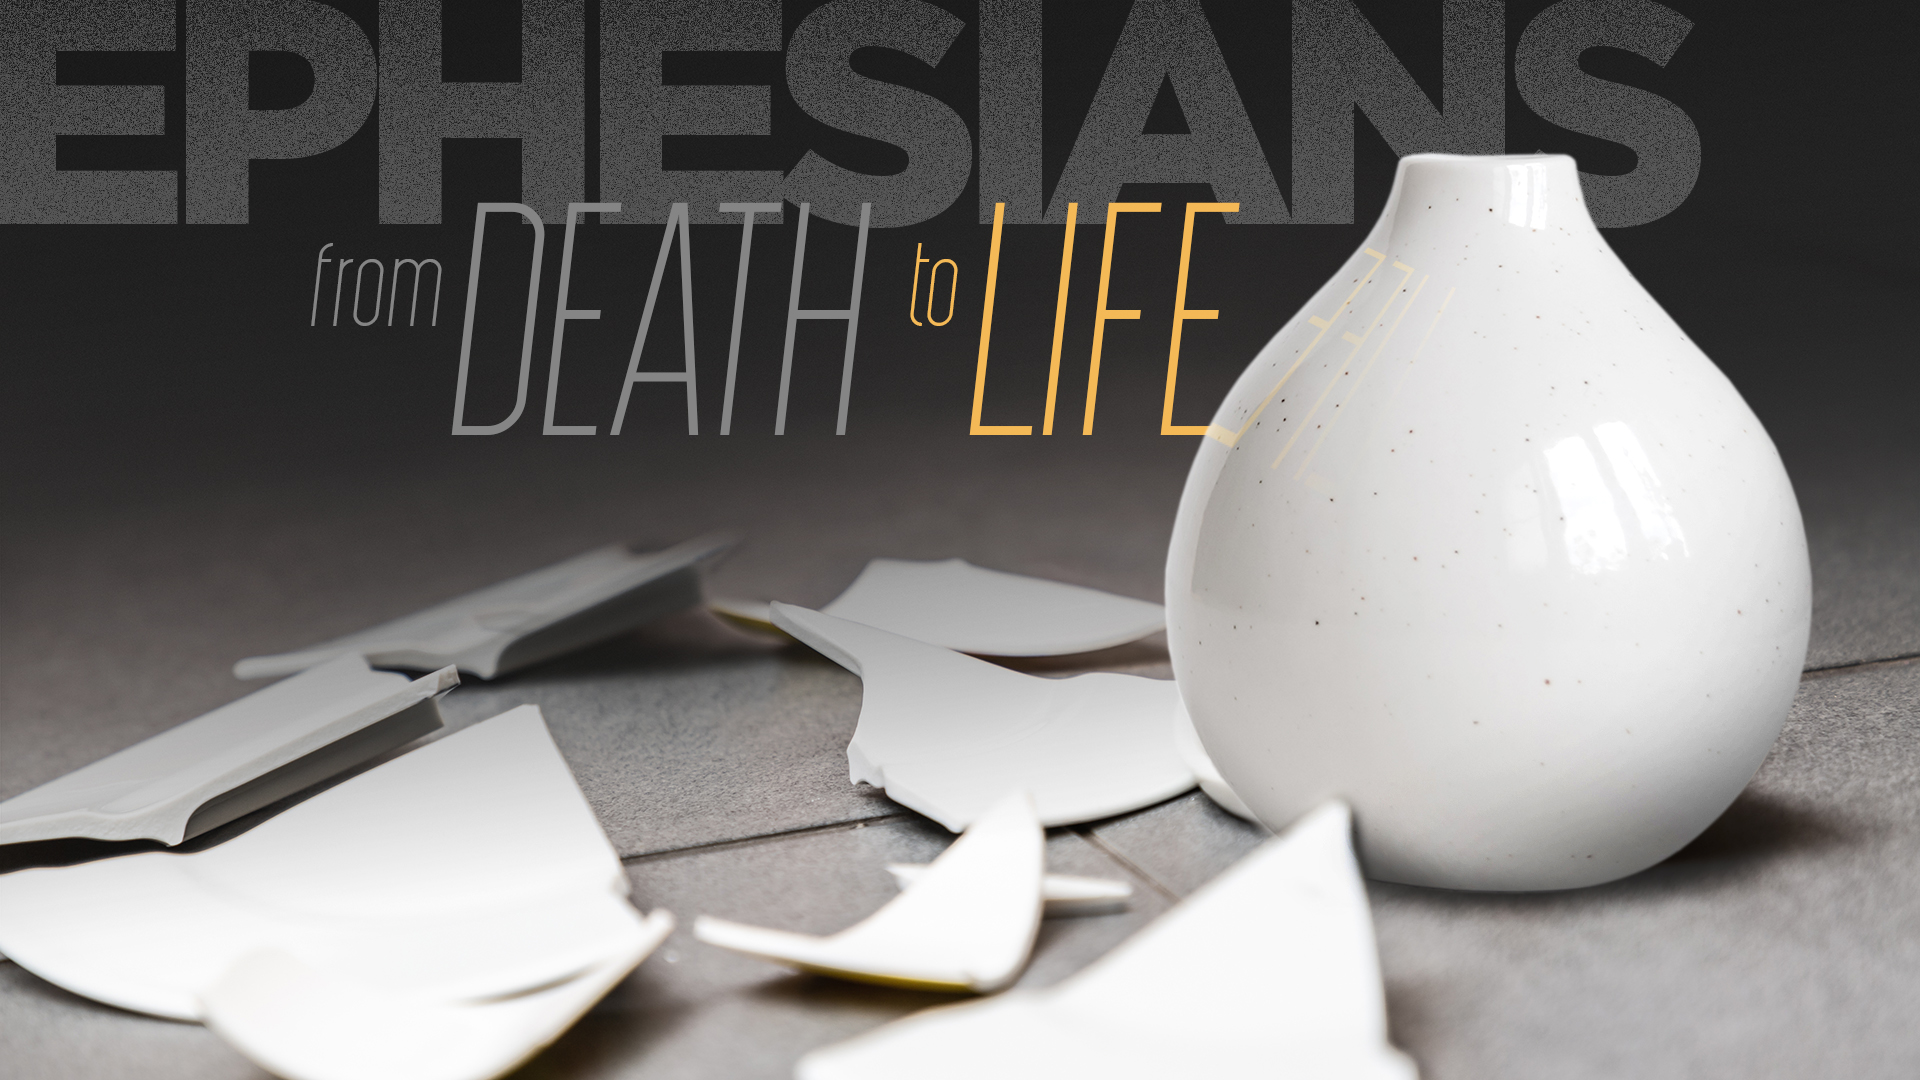 Ephesians Series Graphic